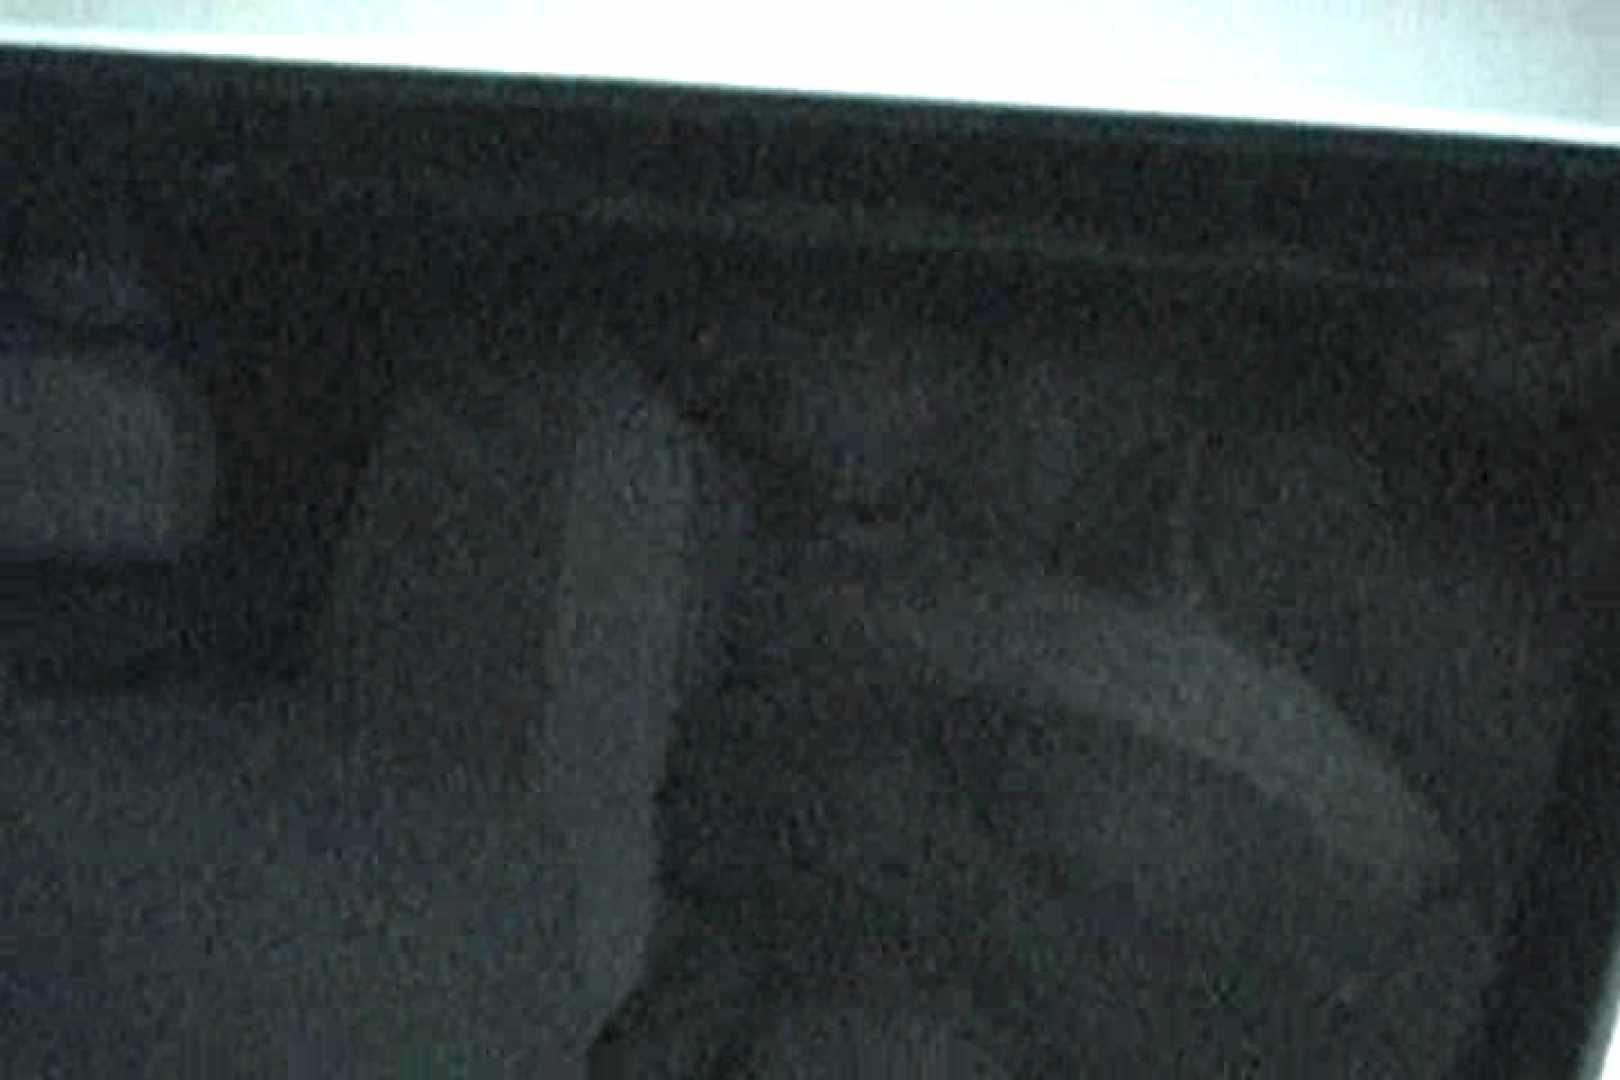 充血監督の深夜の運動会Vol.22 現役ギャル オマンコ動画キャプチャ 88pic 37